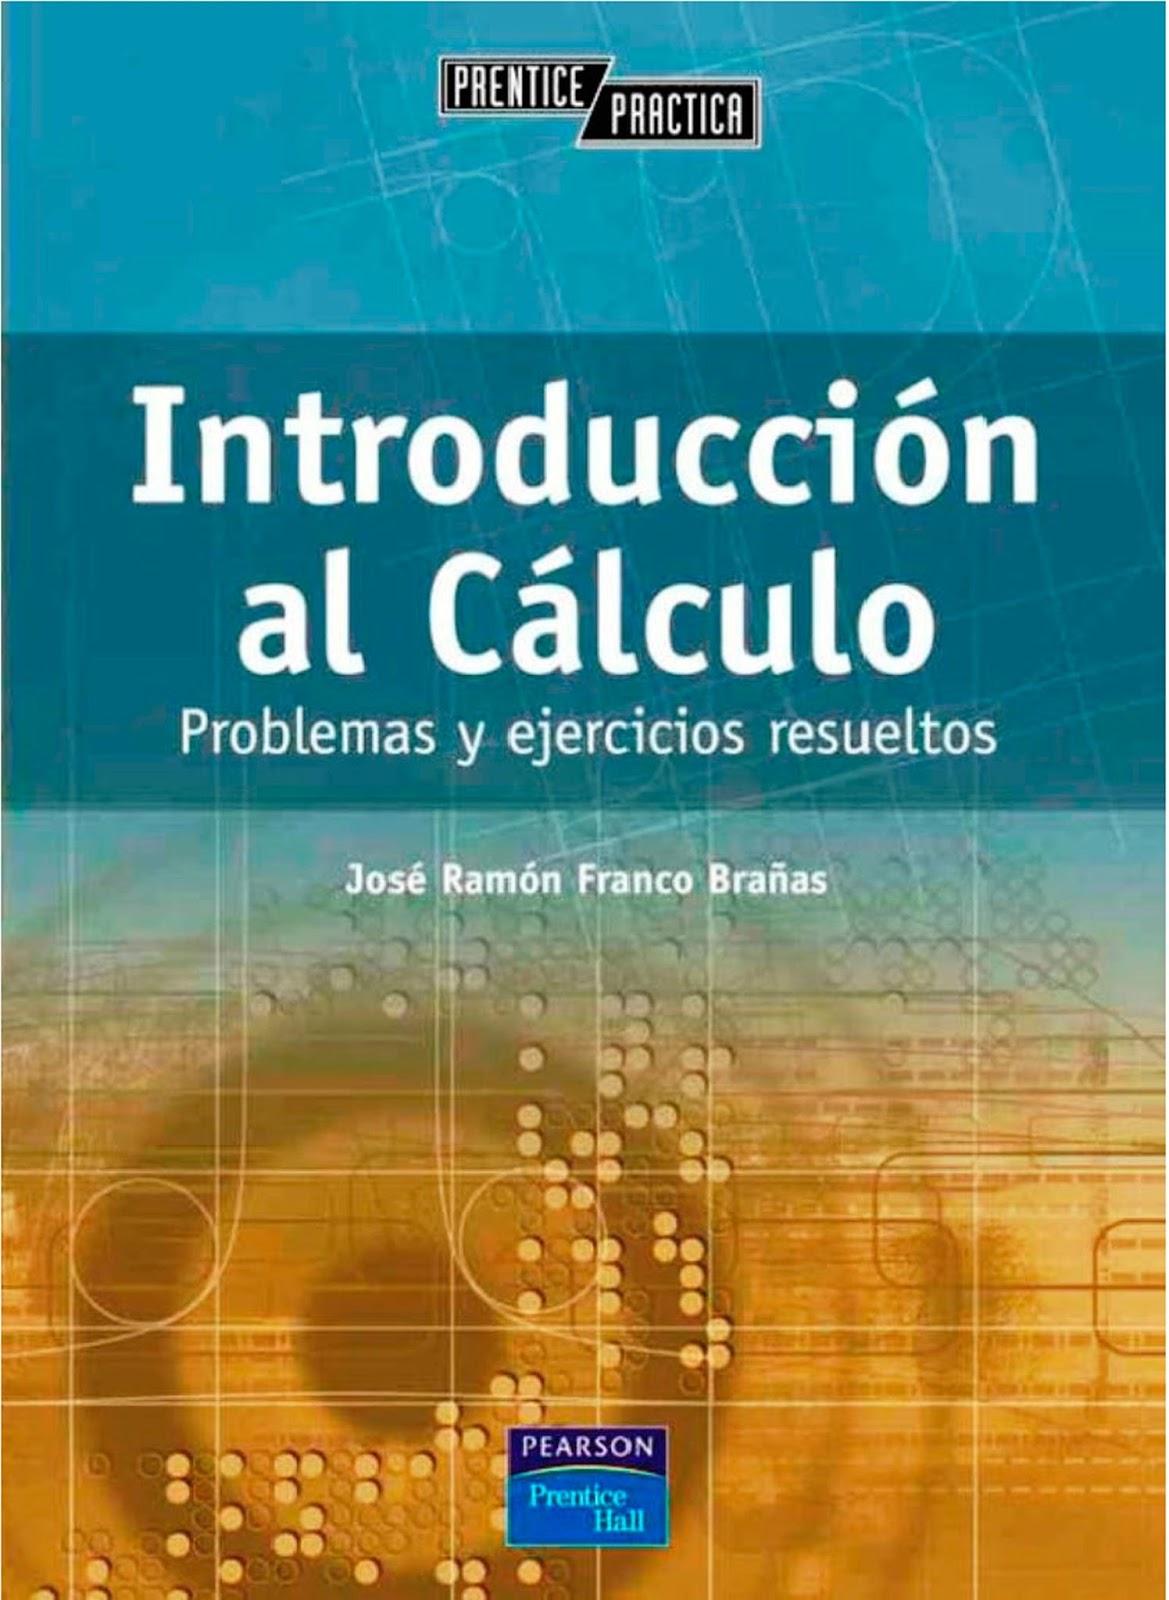 Introducción al Cálculo: Problemas y ejercicios resueltos – José Ramón Franco Brañas